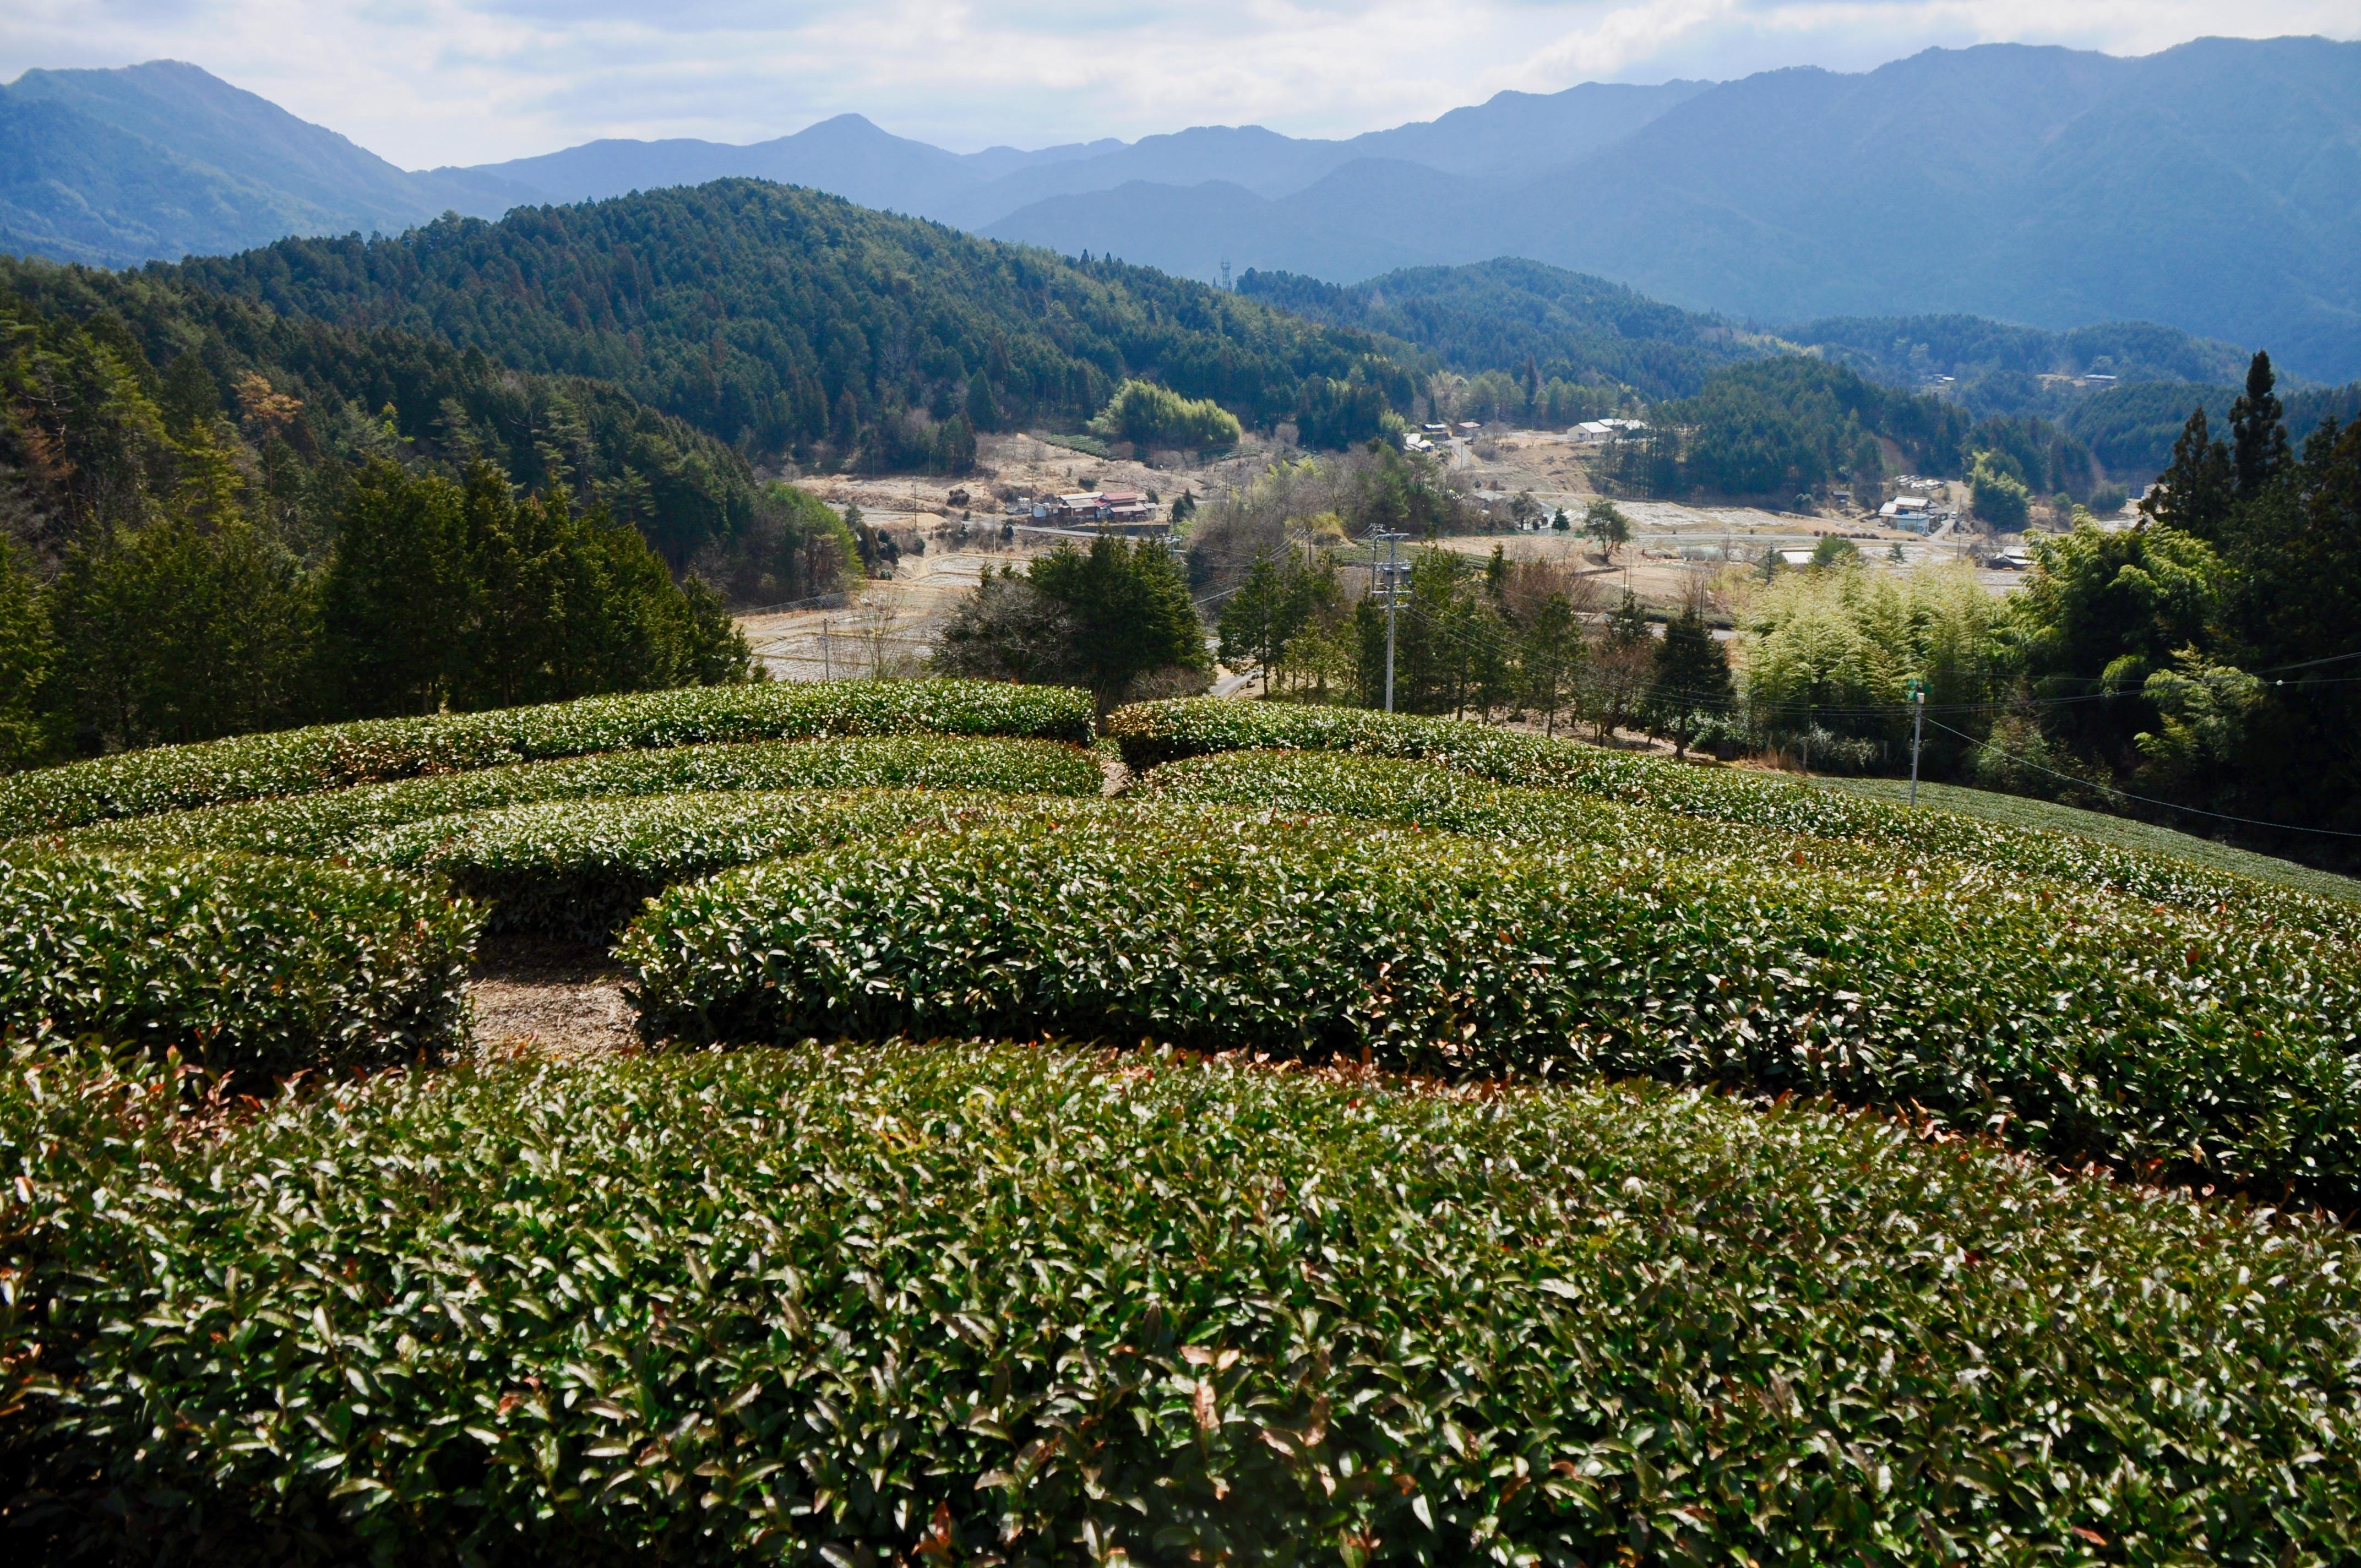 今年もお茶の季節が到来!お茶の価値観が変わる体験、岐阜県東白川村に行ってきた - DSC 0997